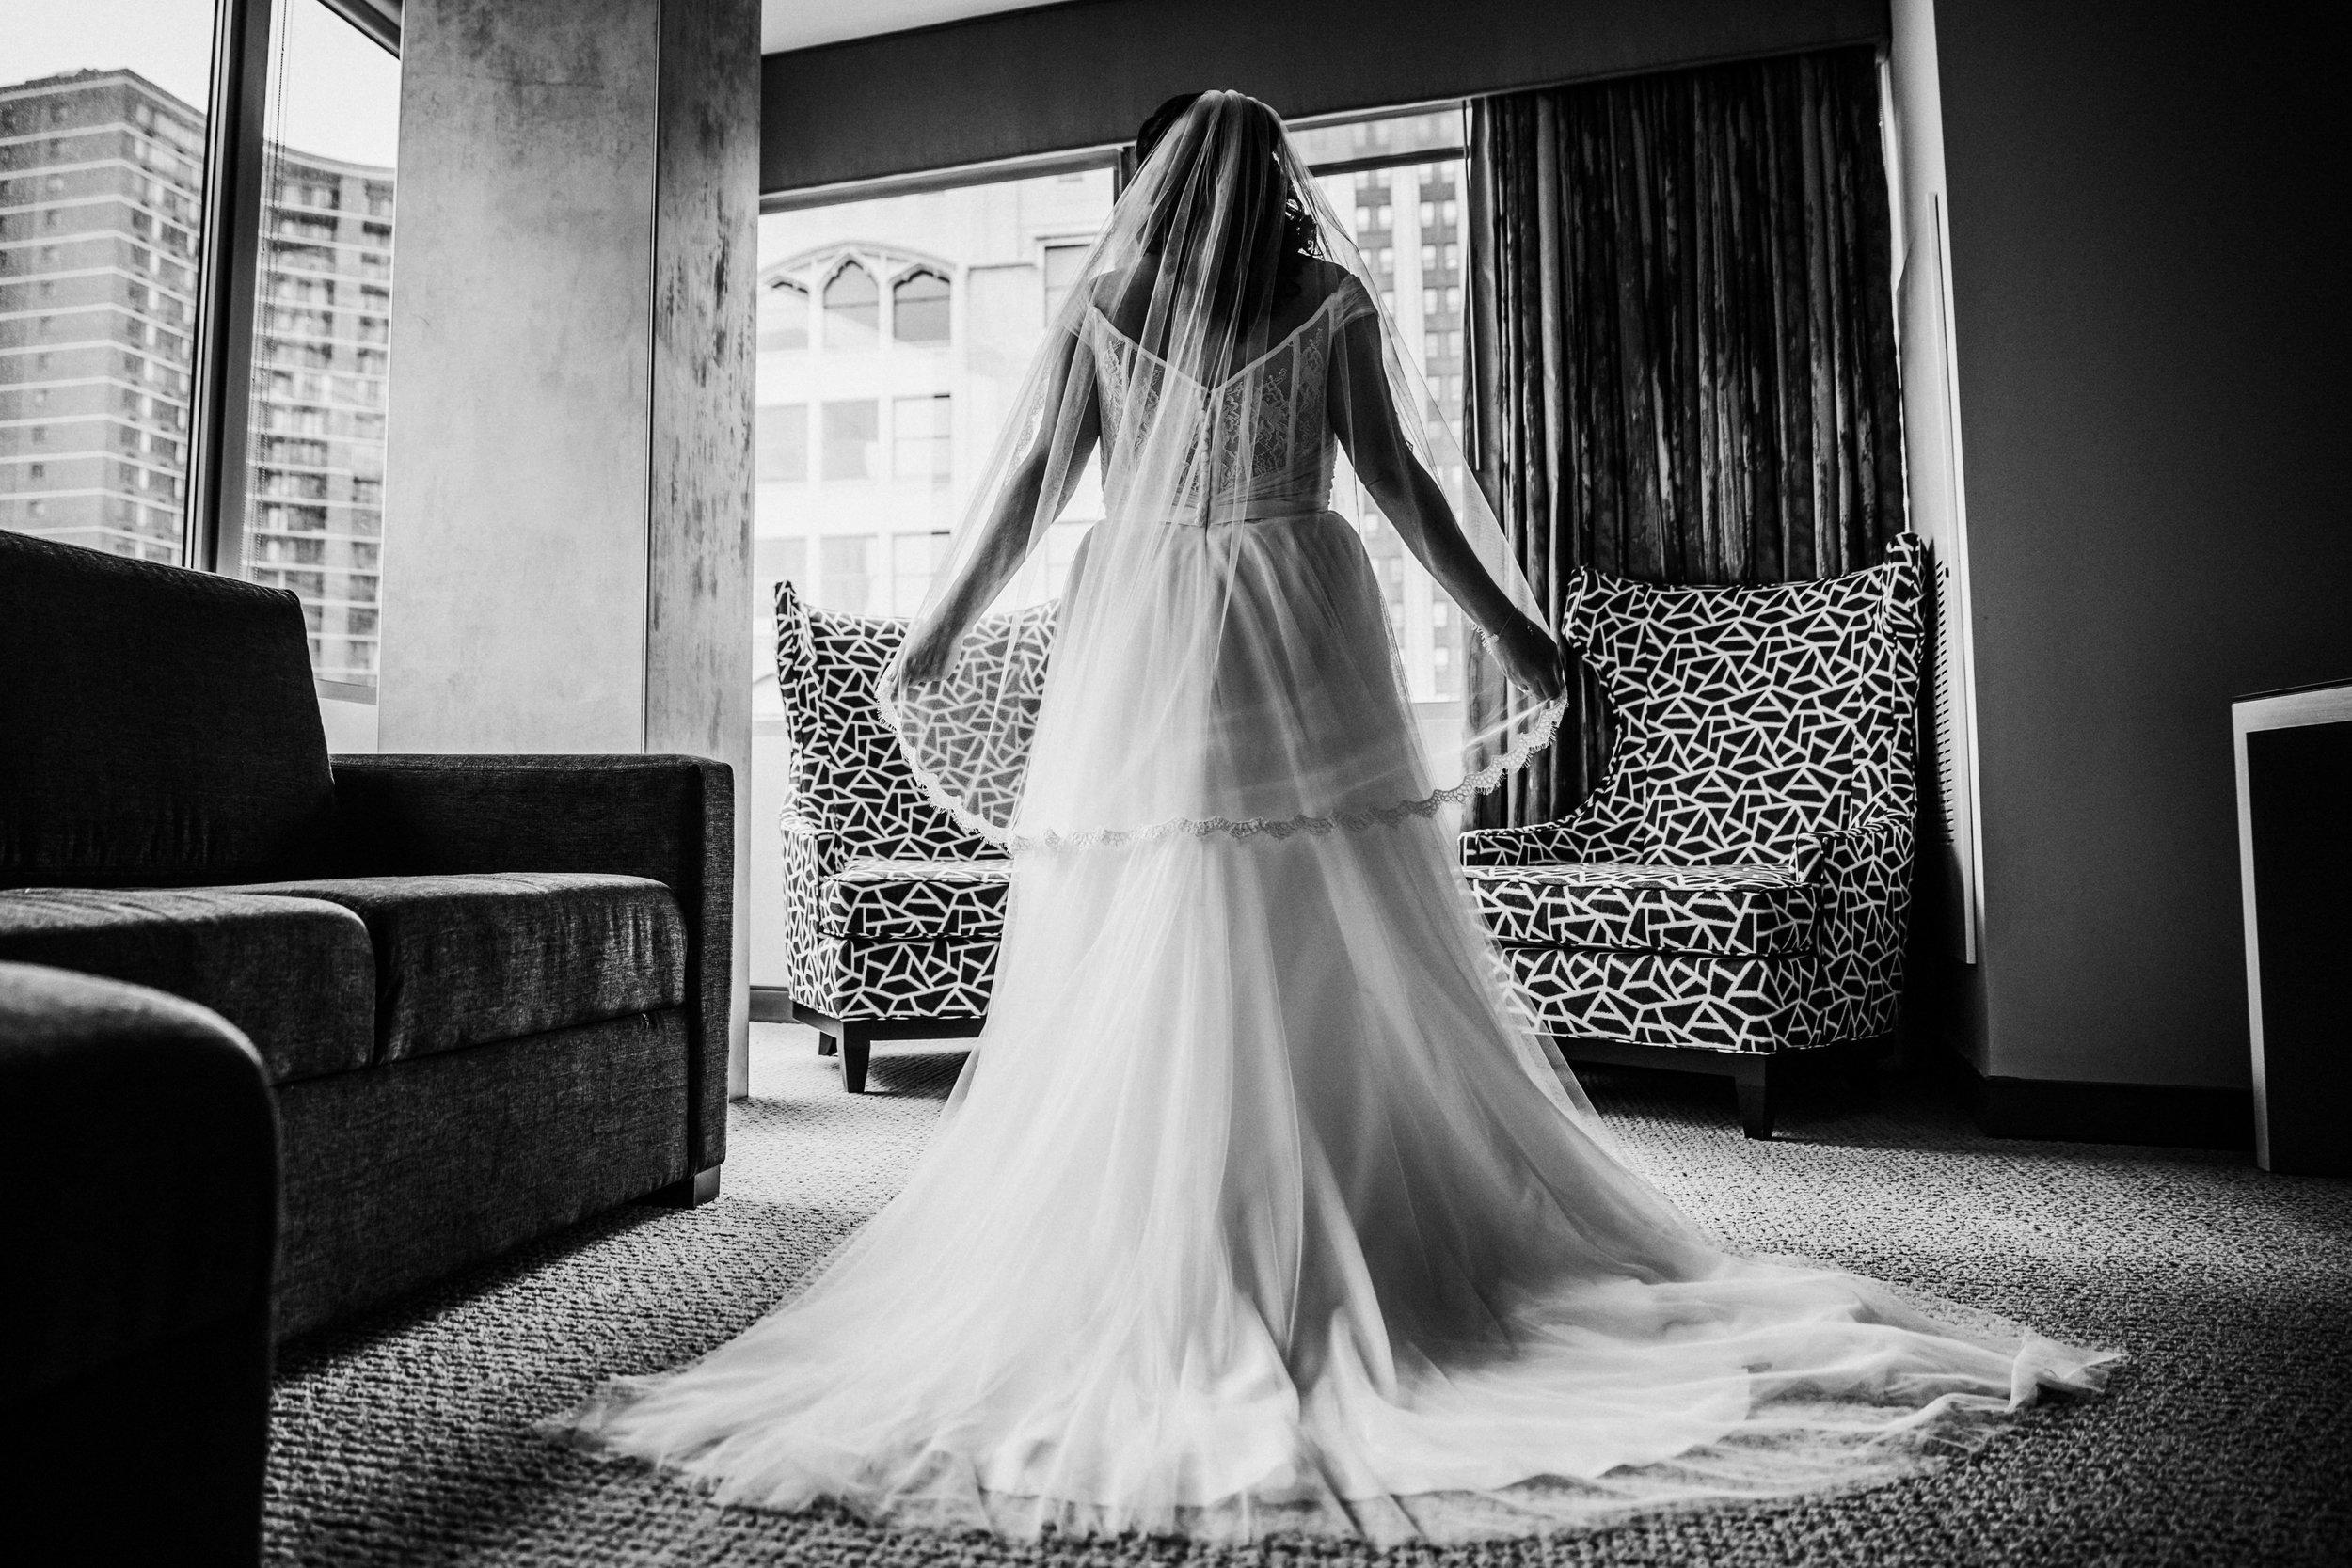 JennaLynnPhotography-NJWeddingPhotographer-Philadelphia-Wedding-ArtsBallroom-GettingReadyBW-96.jpg